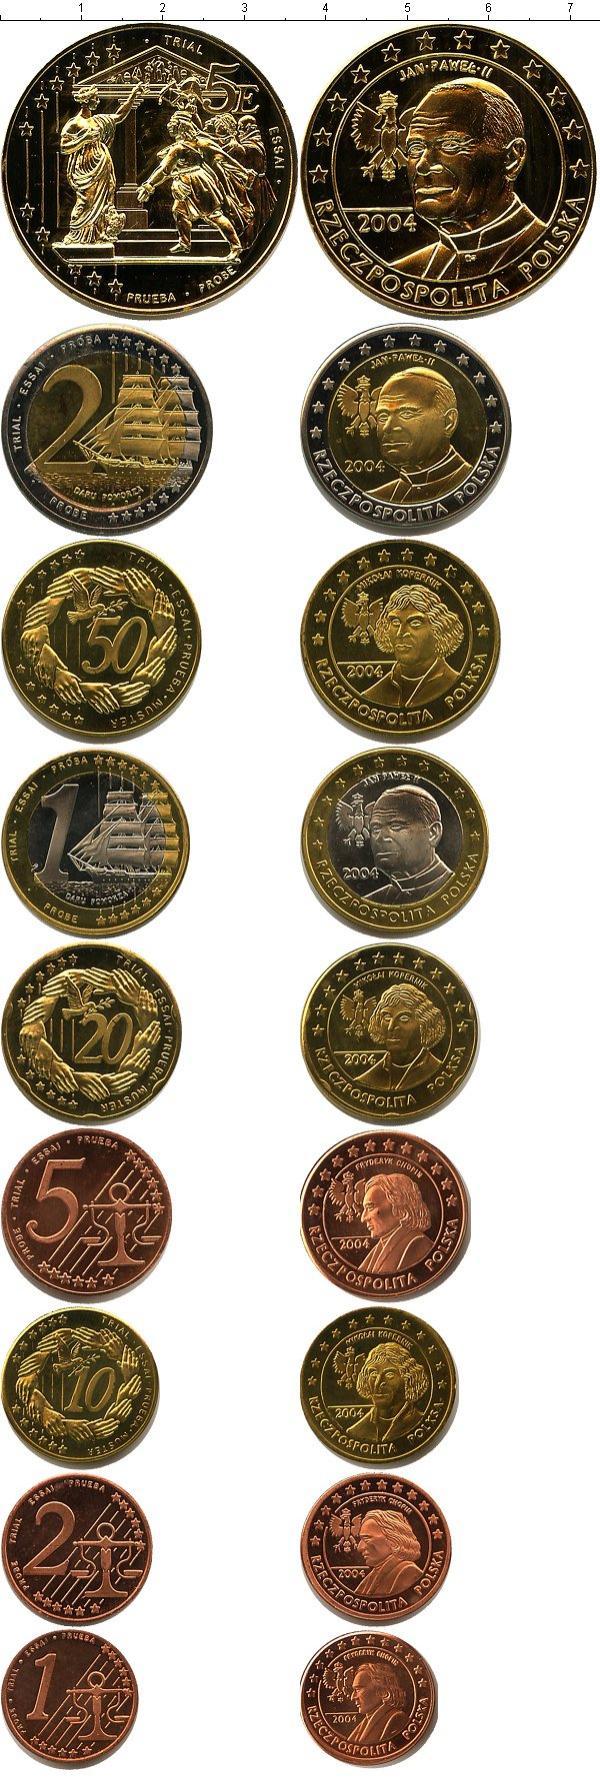 Каталог монет - Польша Пробный евронабор 2004